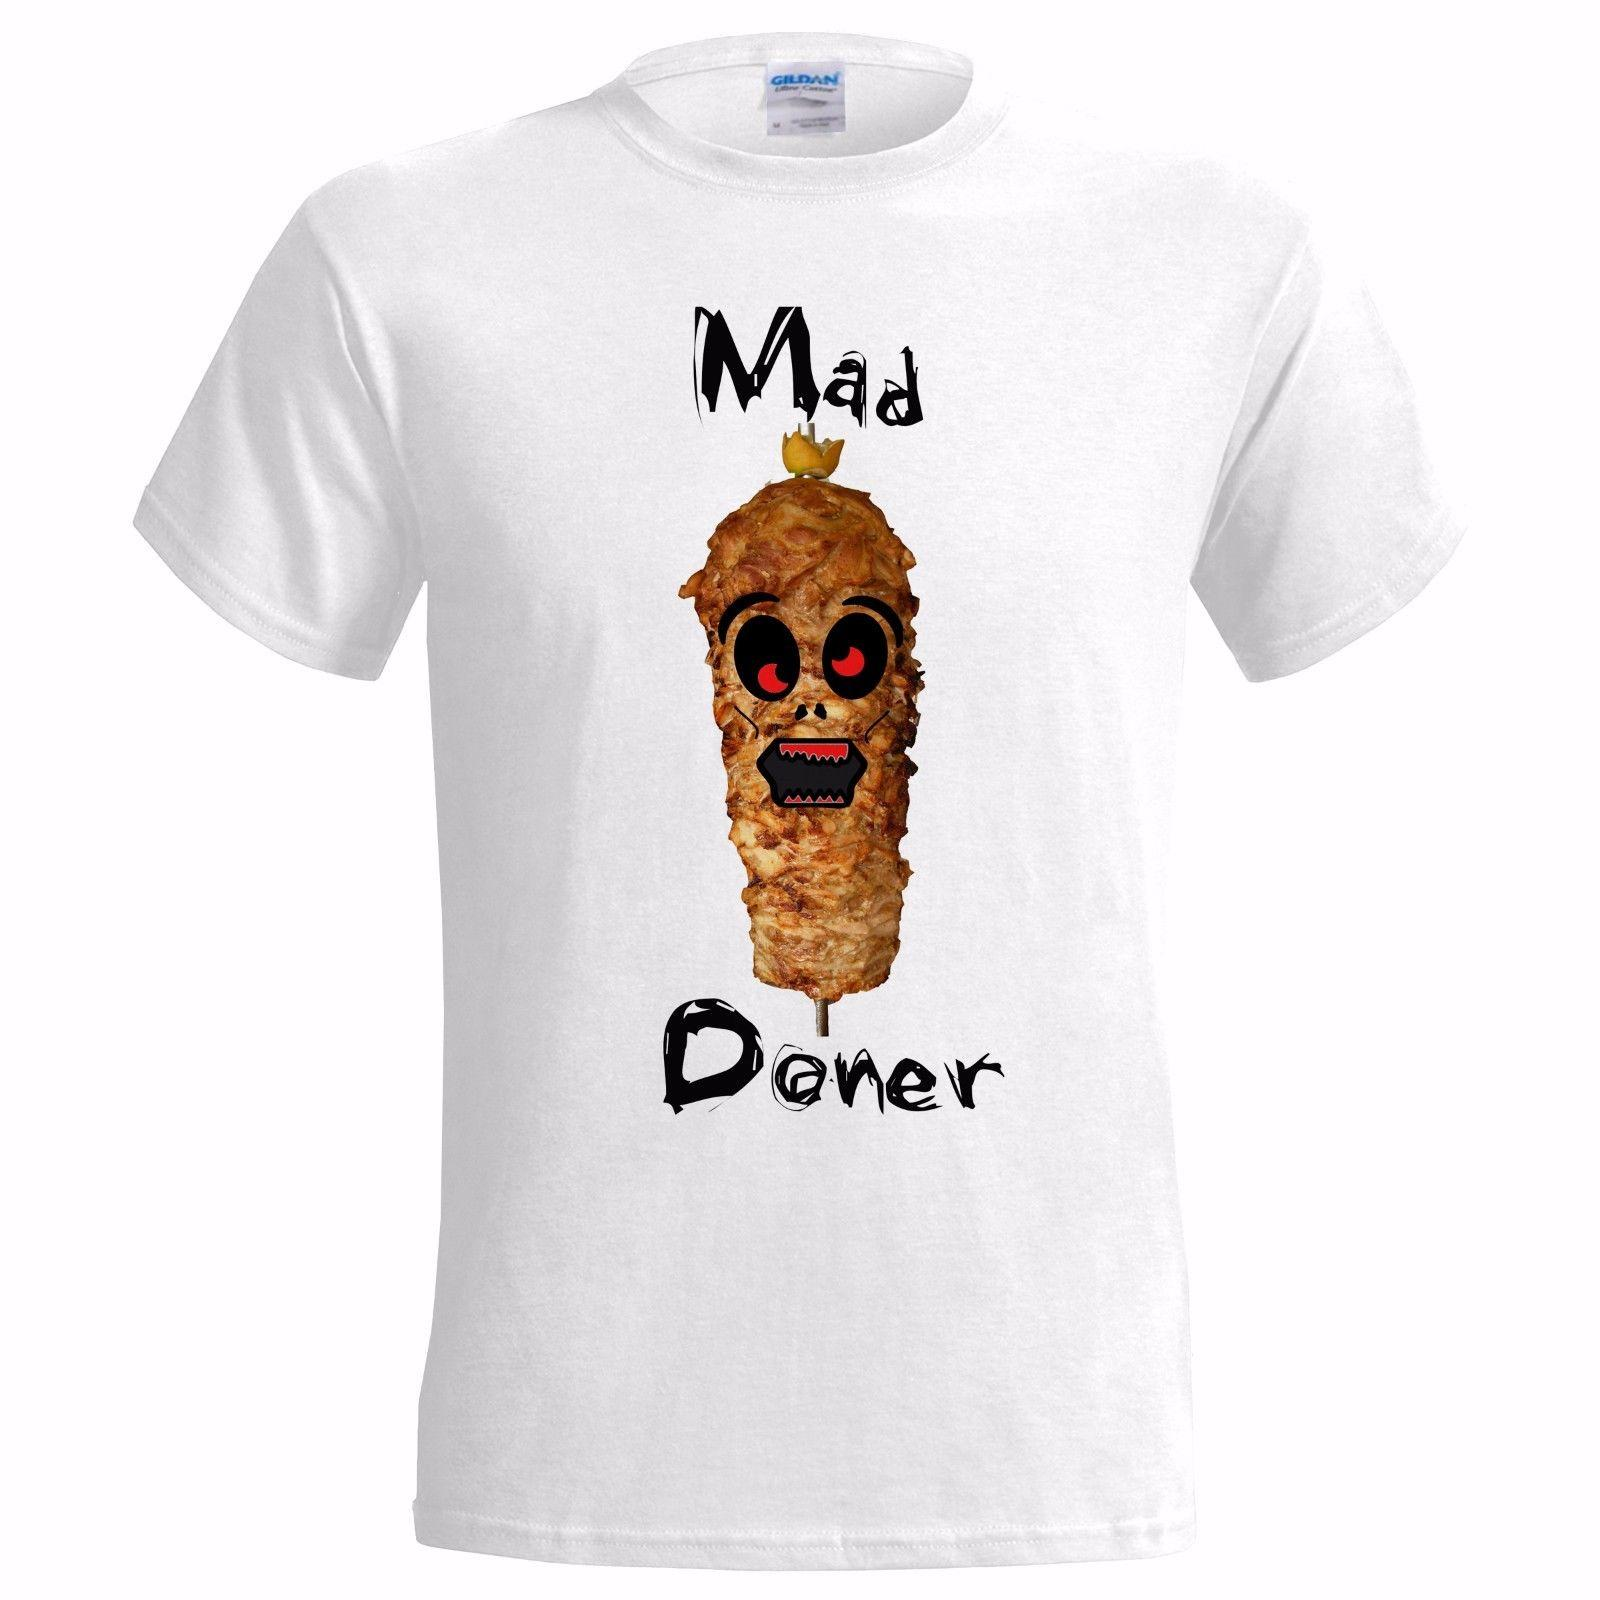 Großhandel Mad Doner Lustige Mens T Shirt Madonna Cooles